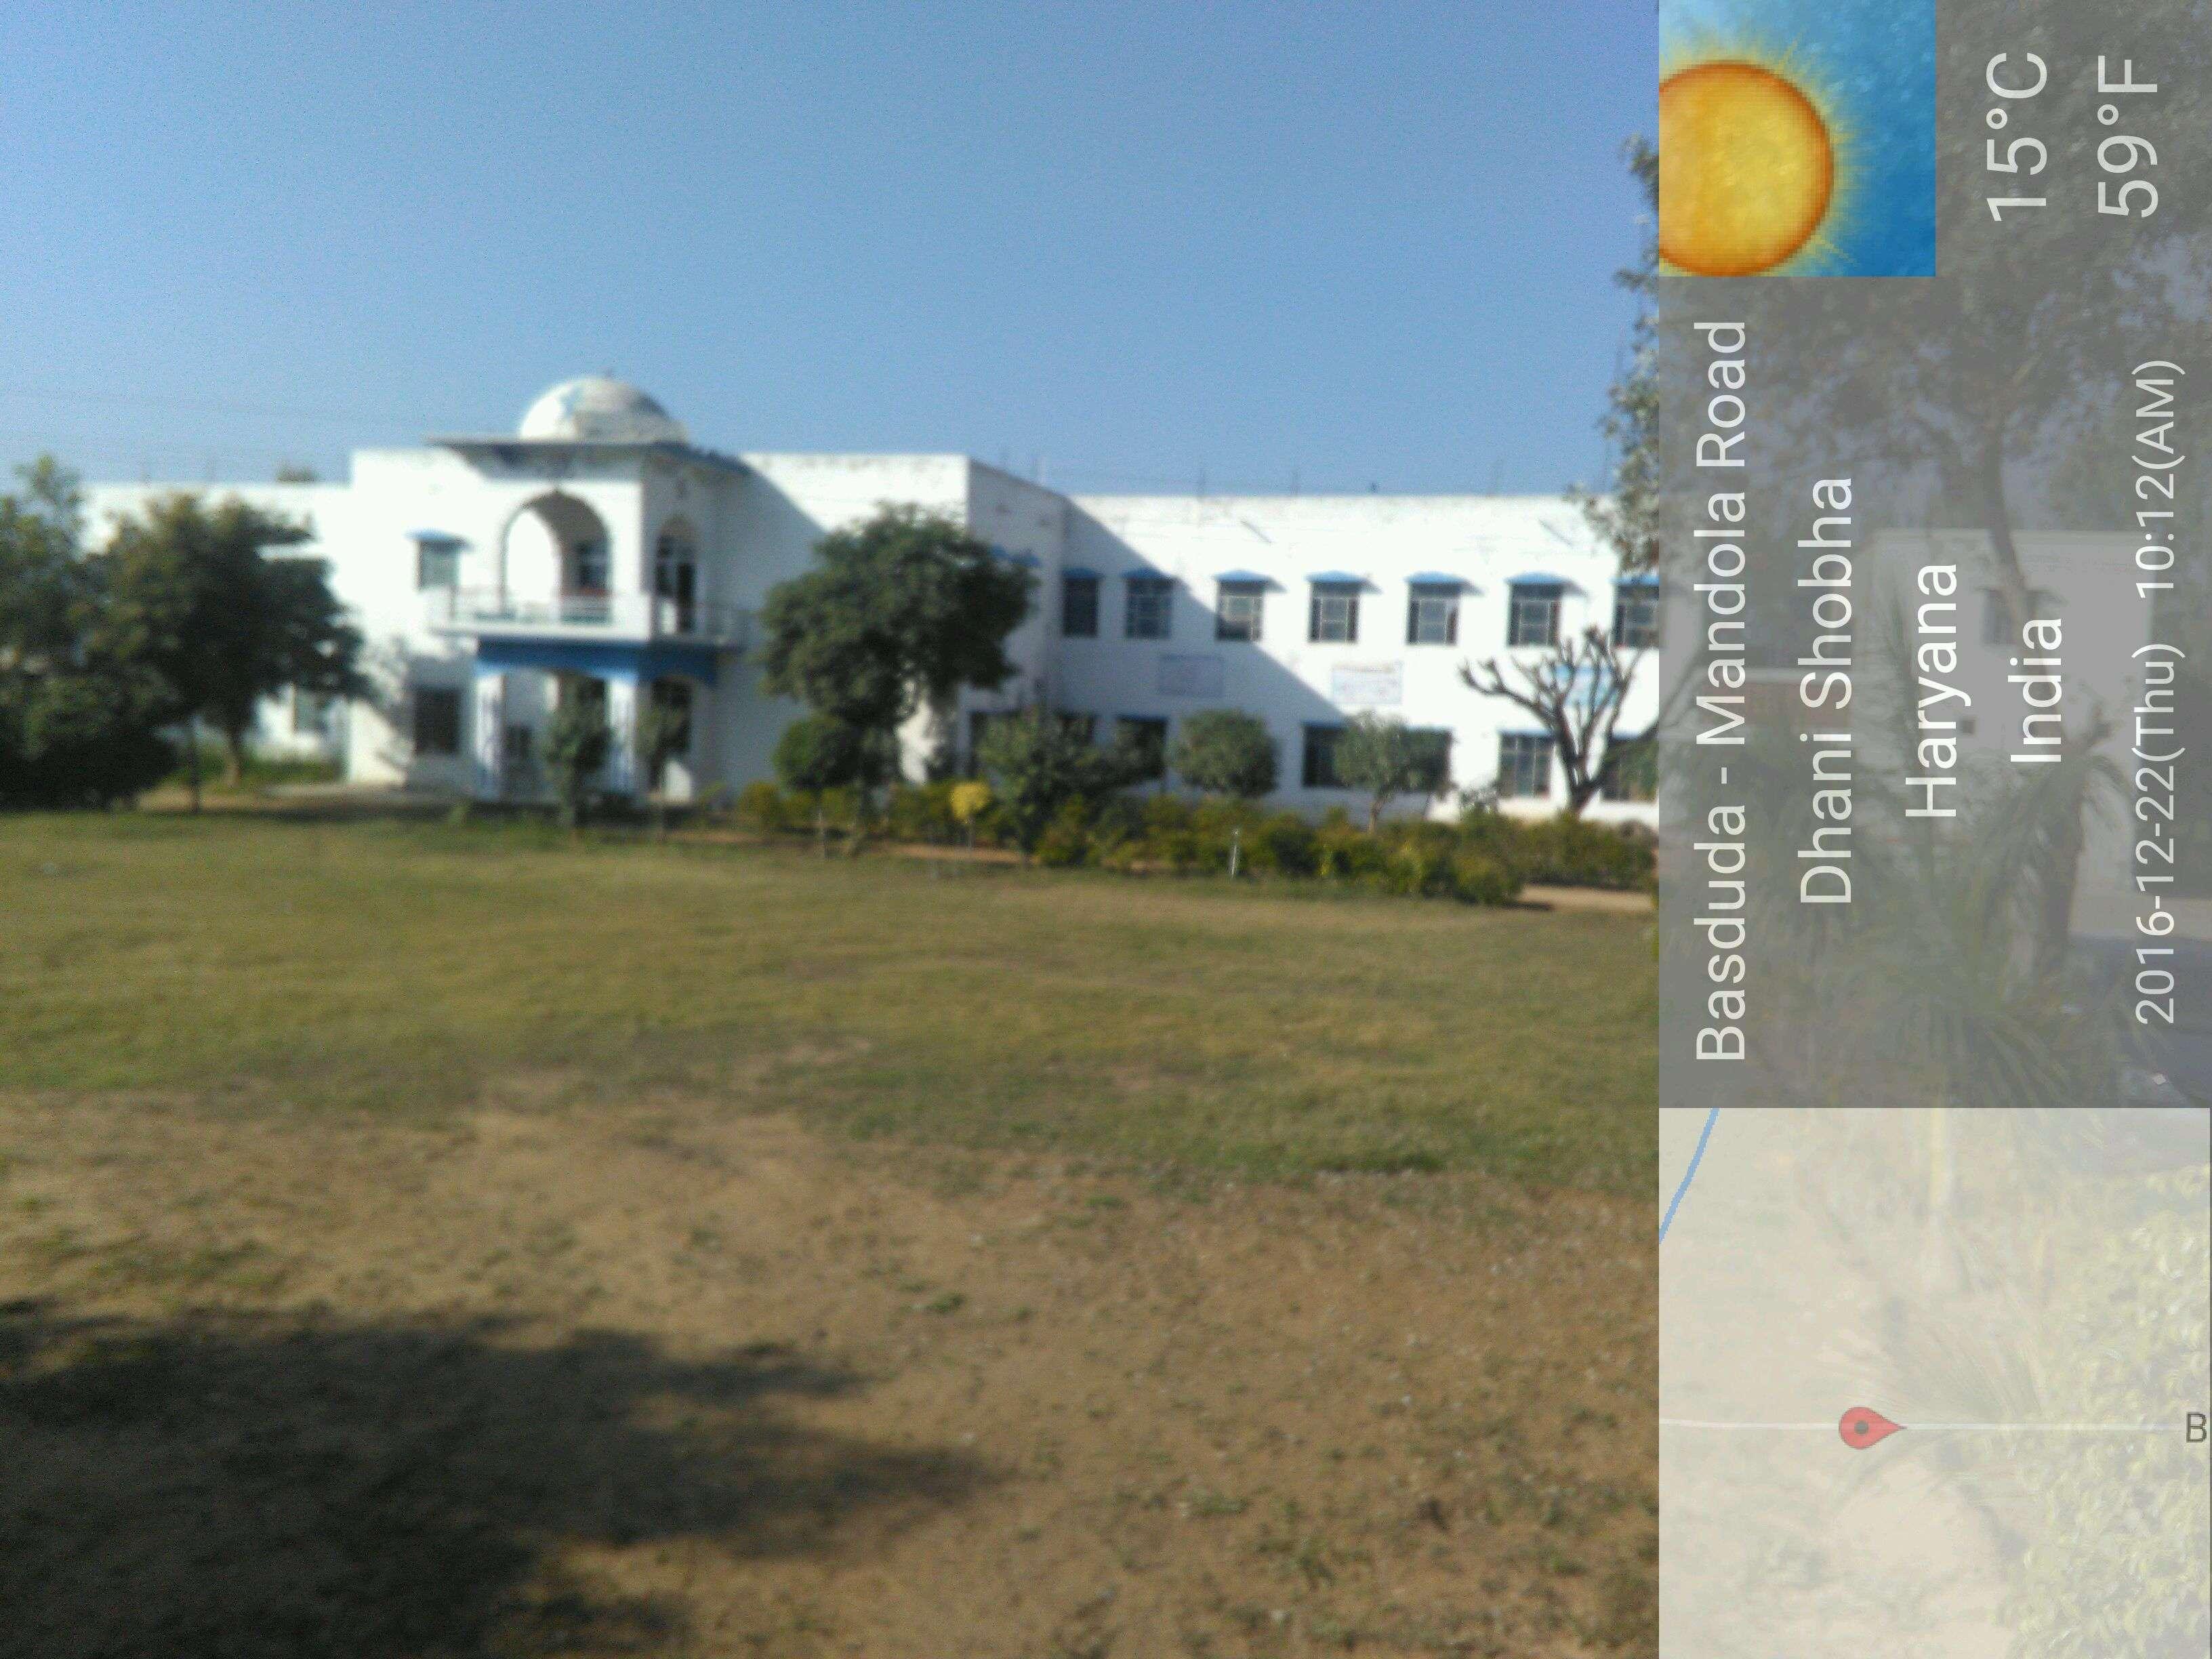 AASTHA PUBLIC SCHOOL Village and P O Basduda 530715